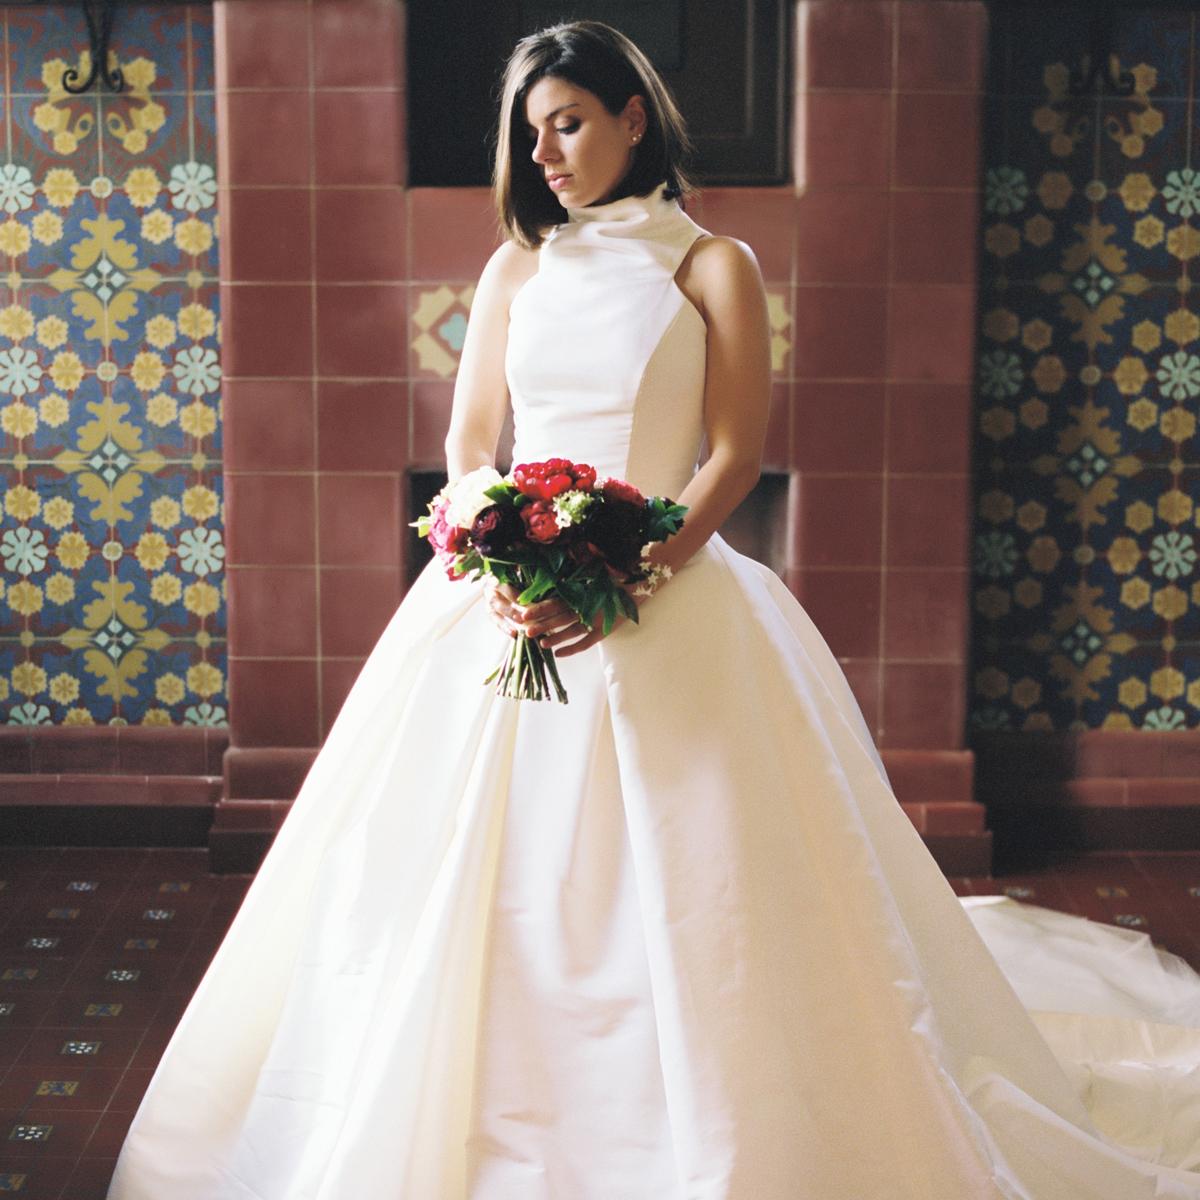 sprout-wedding-emma-fall press.jpg